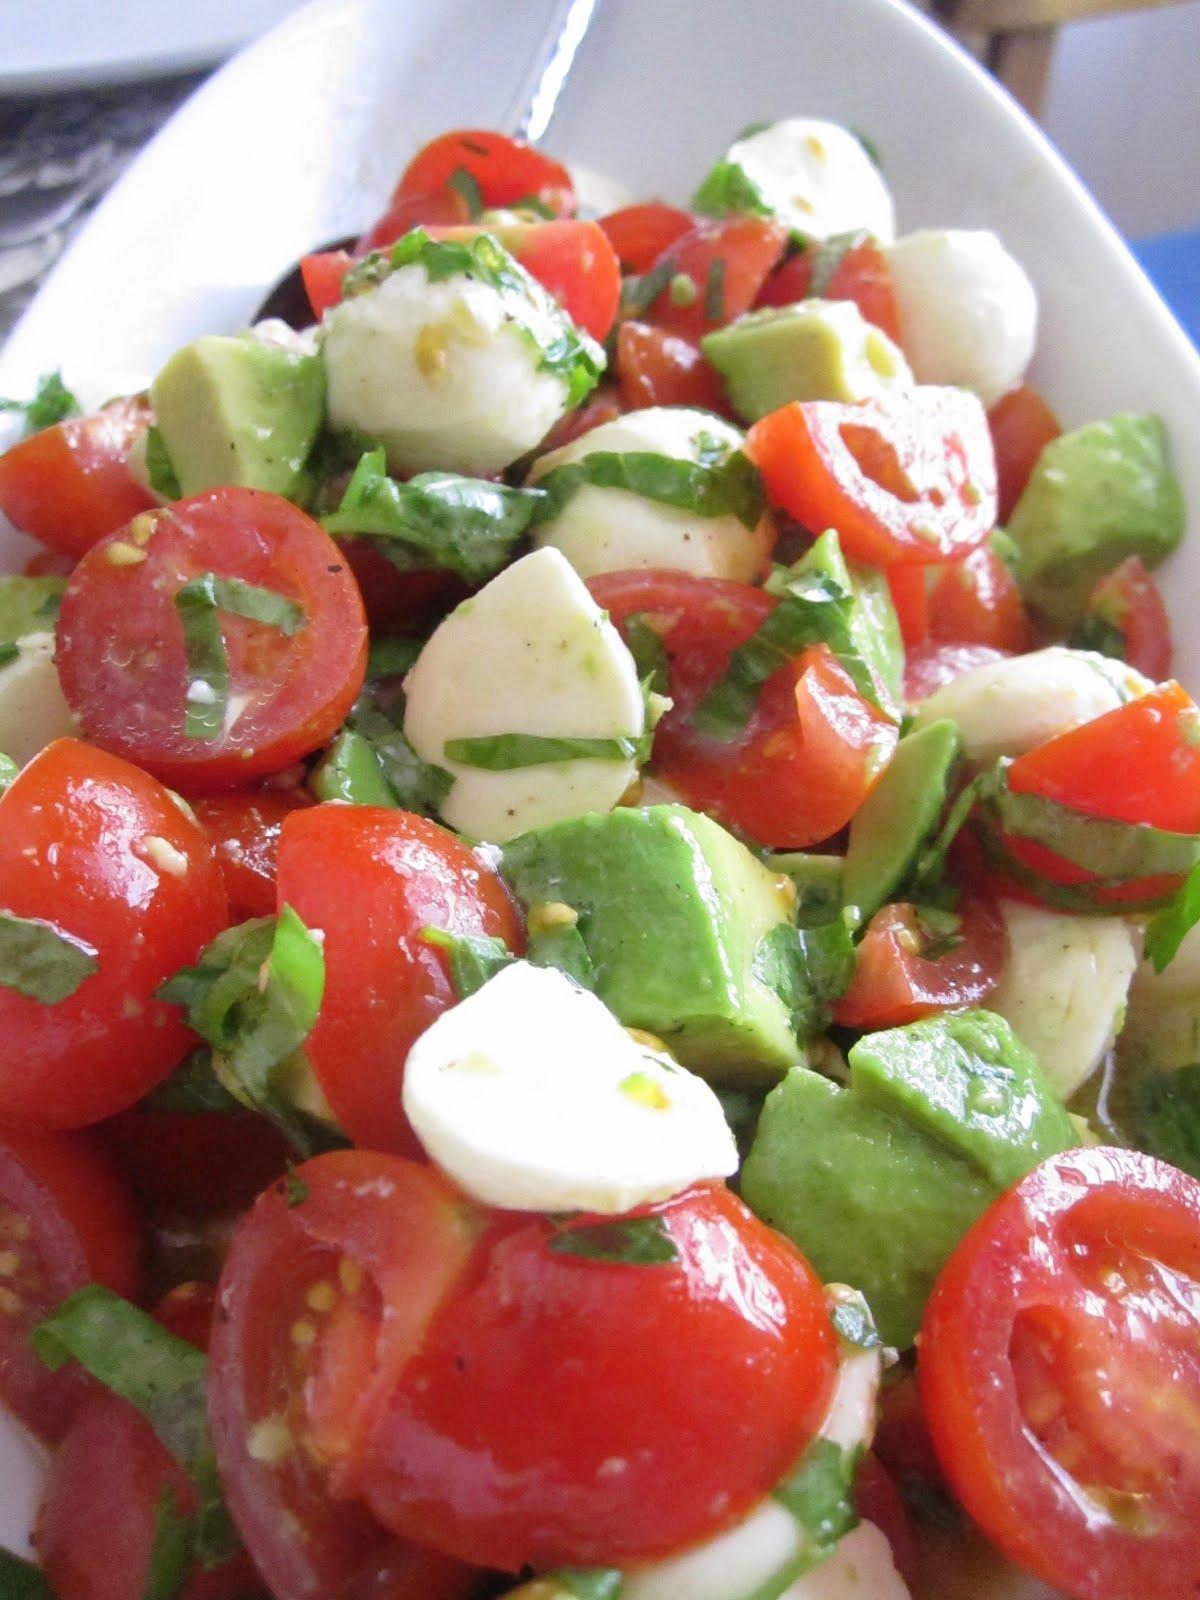 Tomato And Mozzarella Salad  Elizabeth s Dutch Oven Mozzarella Tomato and Avocado Salad